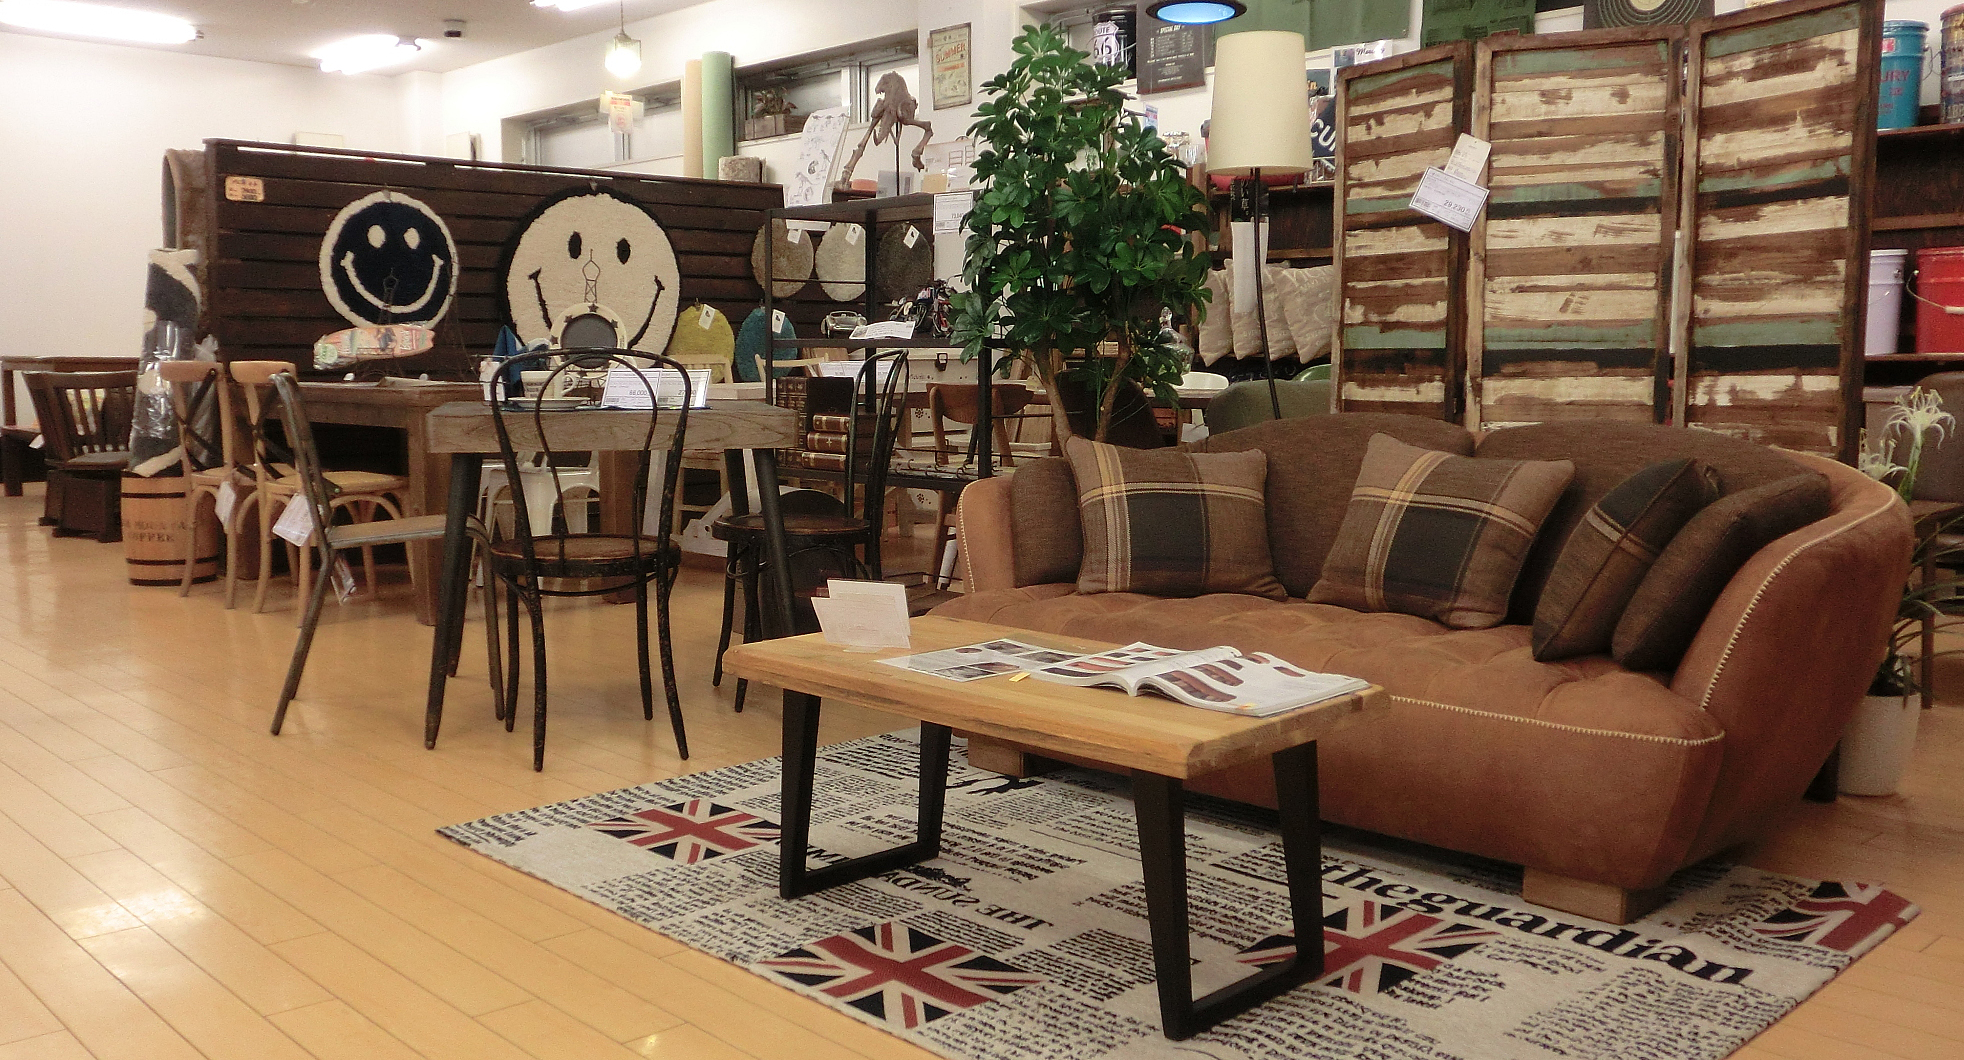 浜松市西区|家具屋|KOMATSUYA|カリモク家具取扱店|飛騨産業取扱店|シーリー|サータ|ソファー|ベッド|ダイニング|